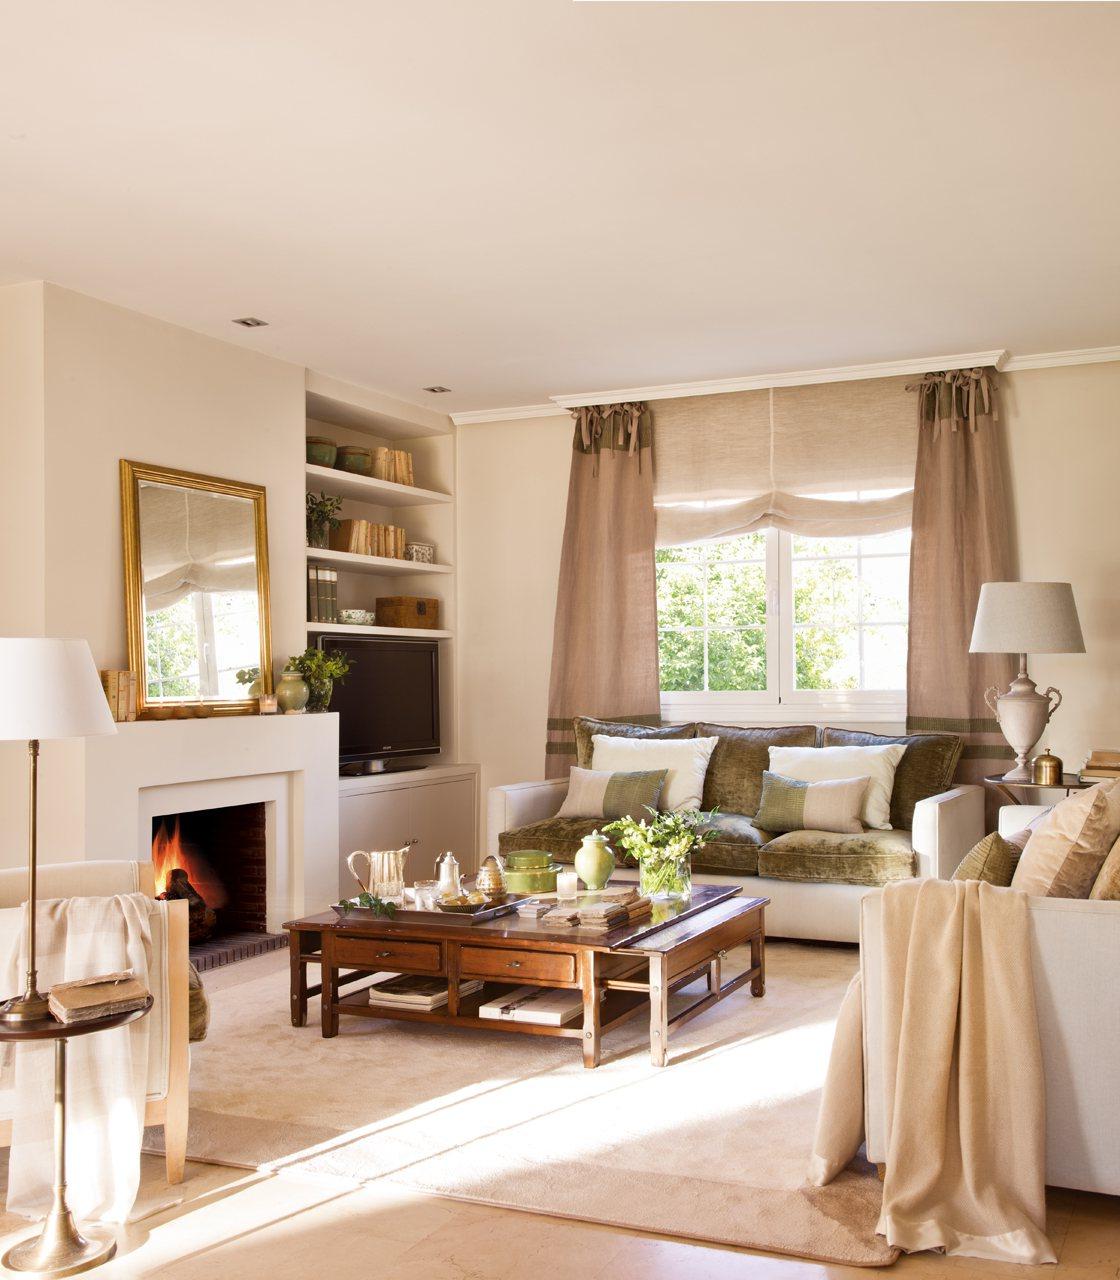 El Mueble Com Tldn Salones Con Edor Renovados Por El Mueble